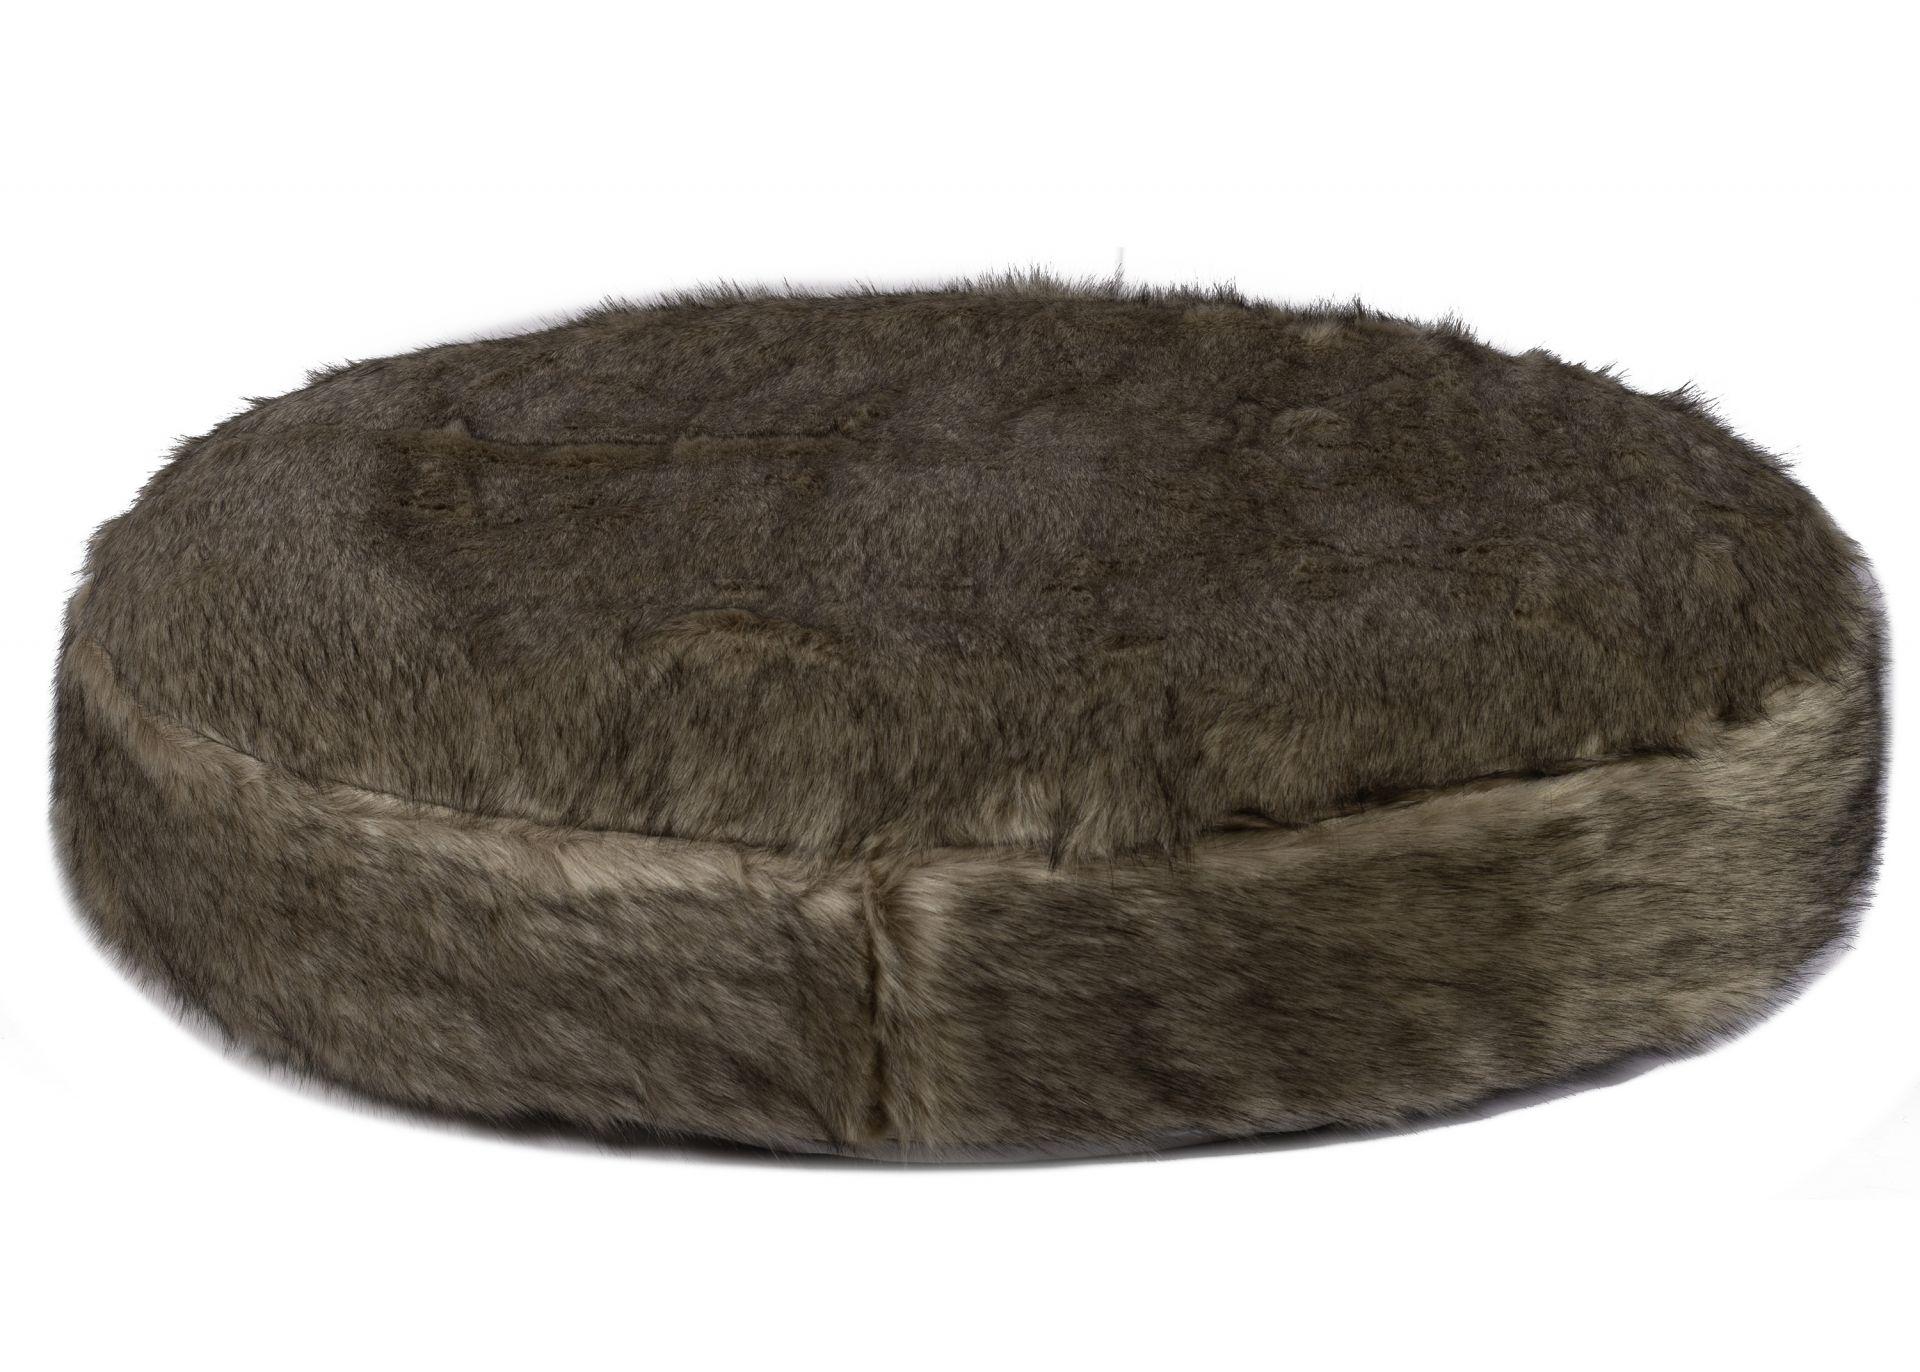 Wau-Sleep Catweazle